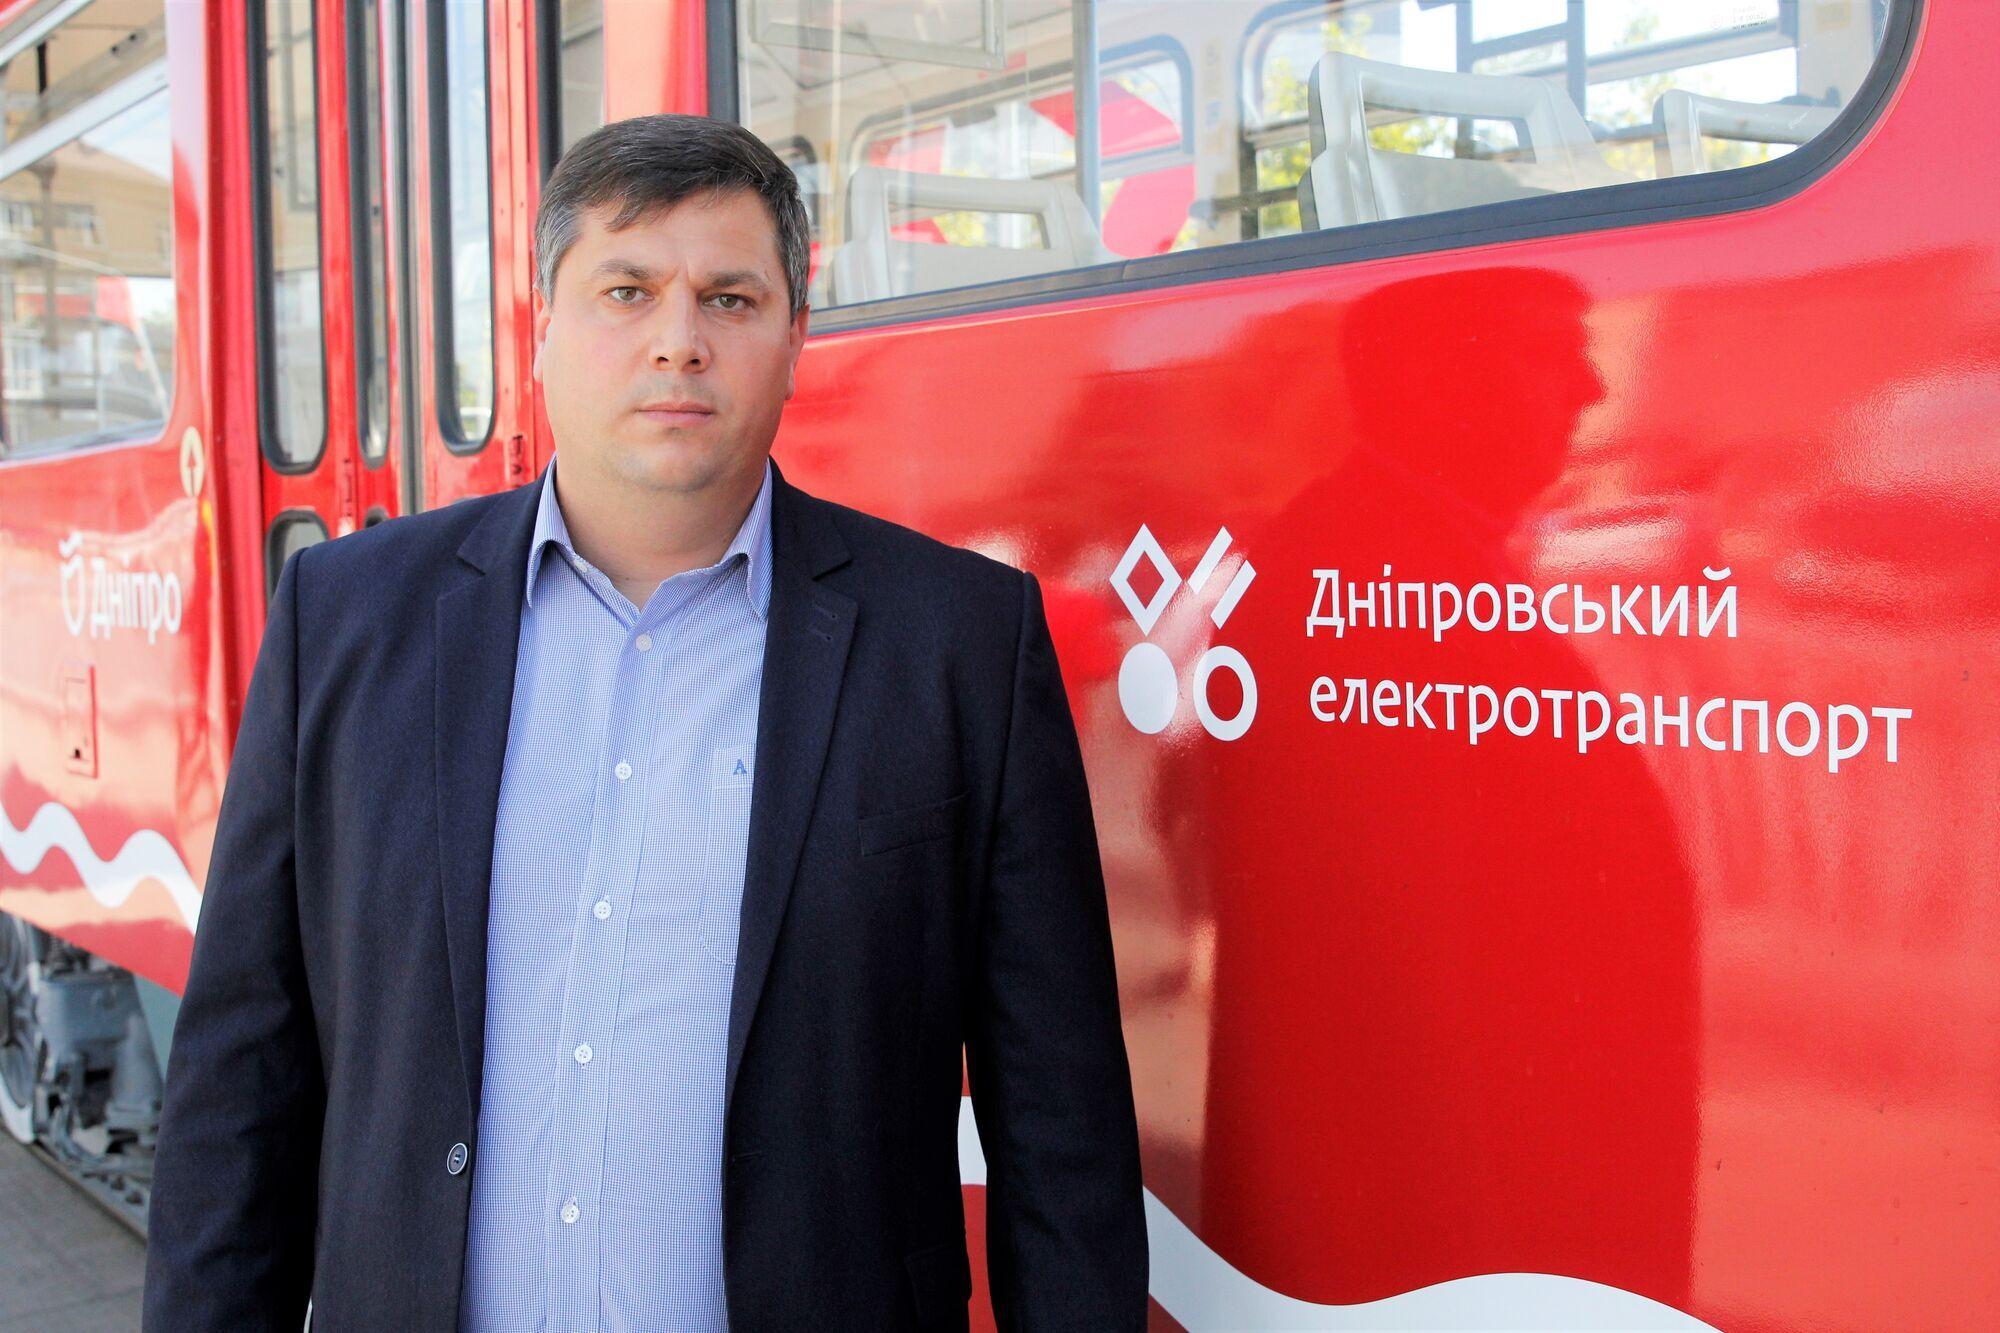 Директор департамента транспорта и транспортной инфраструктуры Днепровского городского совета Игорь Маковцев